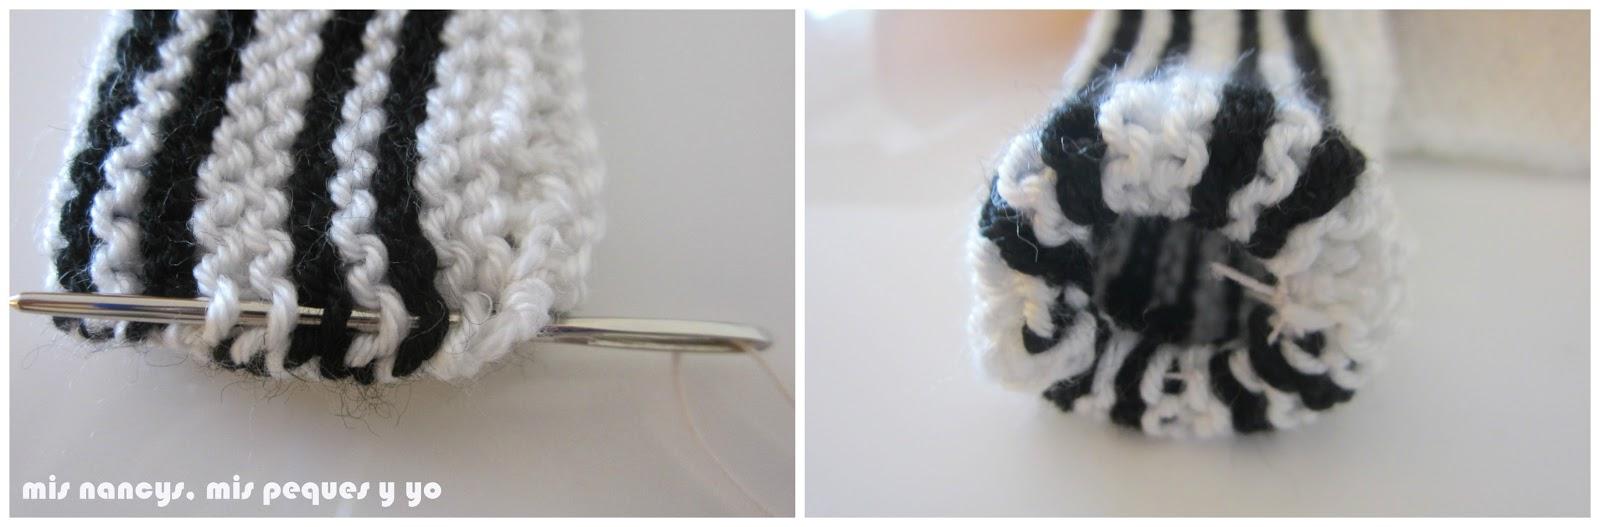 mis nancys, mis peques y yo, tutorial jersey de lana para Nancy, parte delantera, detalle manga bombacha